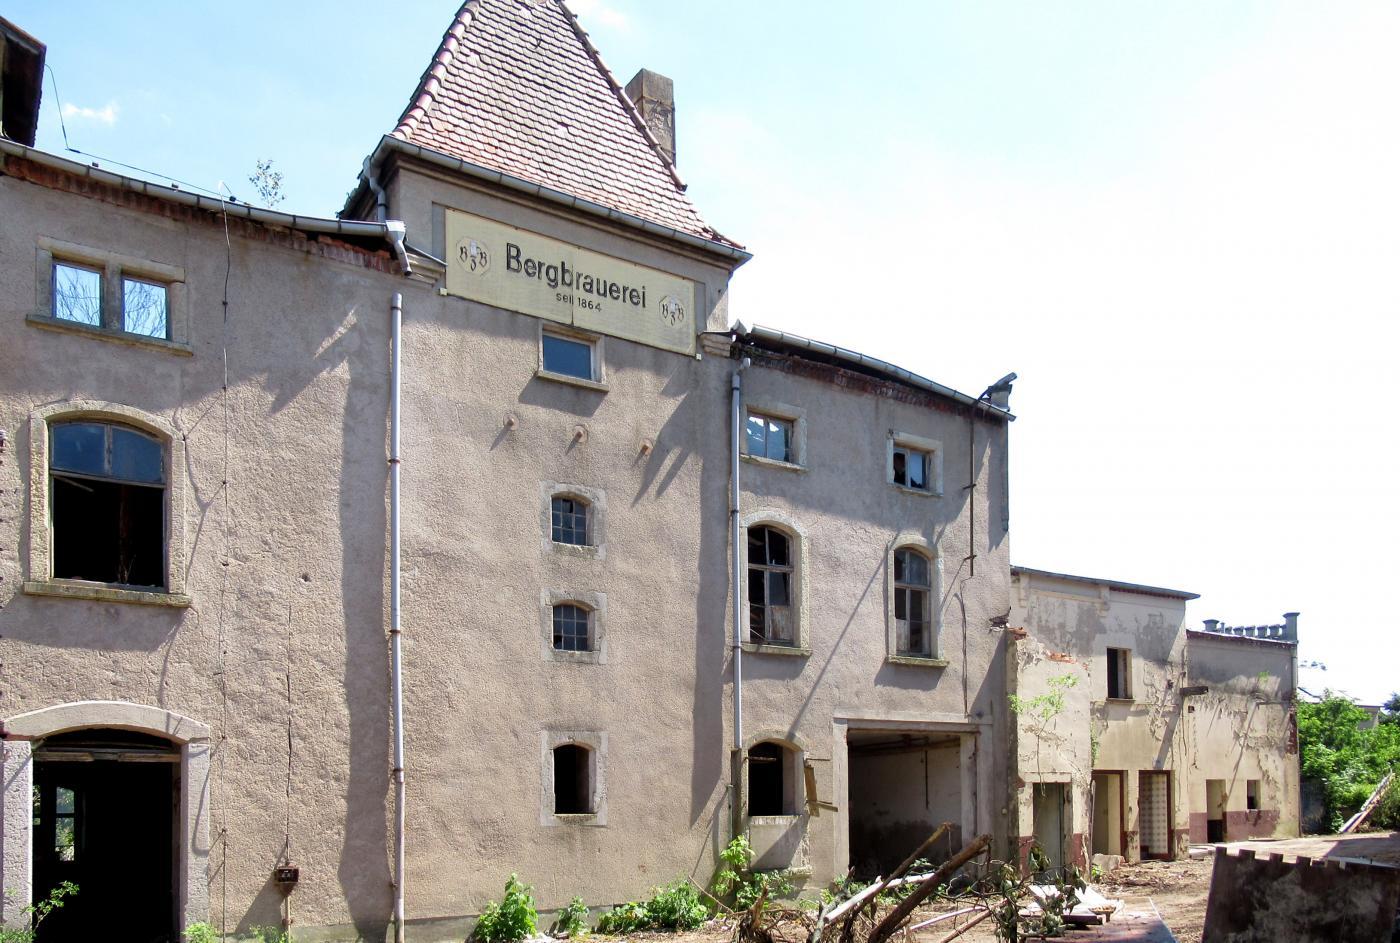 Abbruch Bergbrauerei Zschieschen, An der Bergbrauerei 6 in 01558 Großenhain, Gemarkung Zschieschen, Stadt Großenhain im Landkreis Meißen (SALKA-Nr. 85200979)